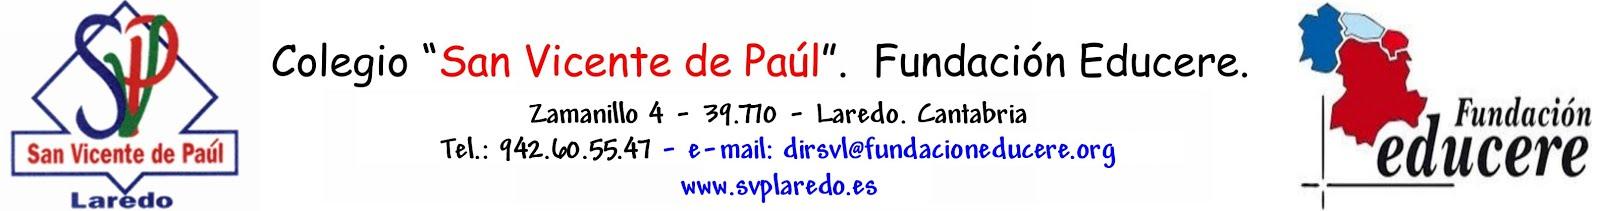 Colegio San Vicente de Paúl Fundación Educere